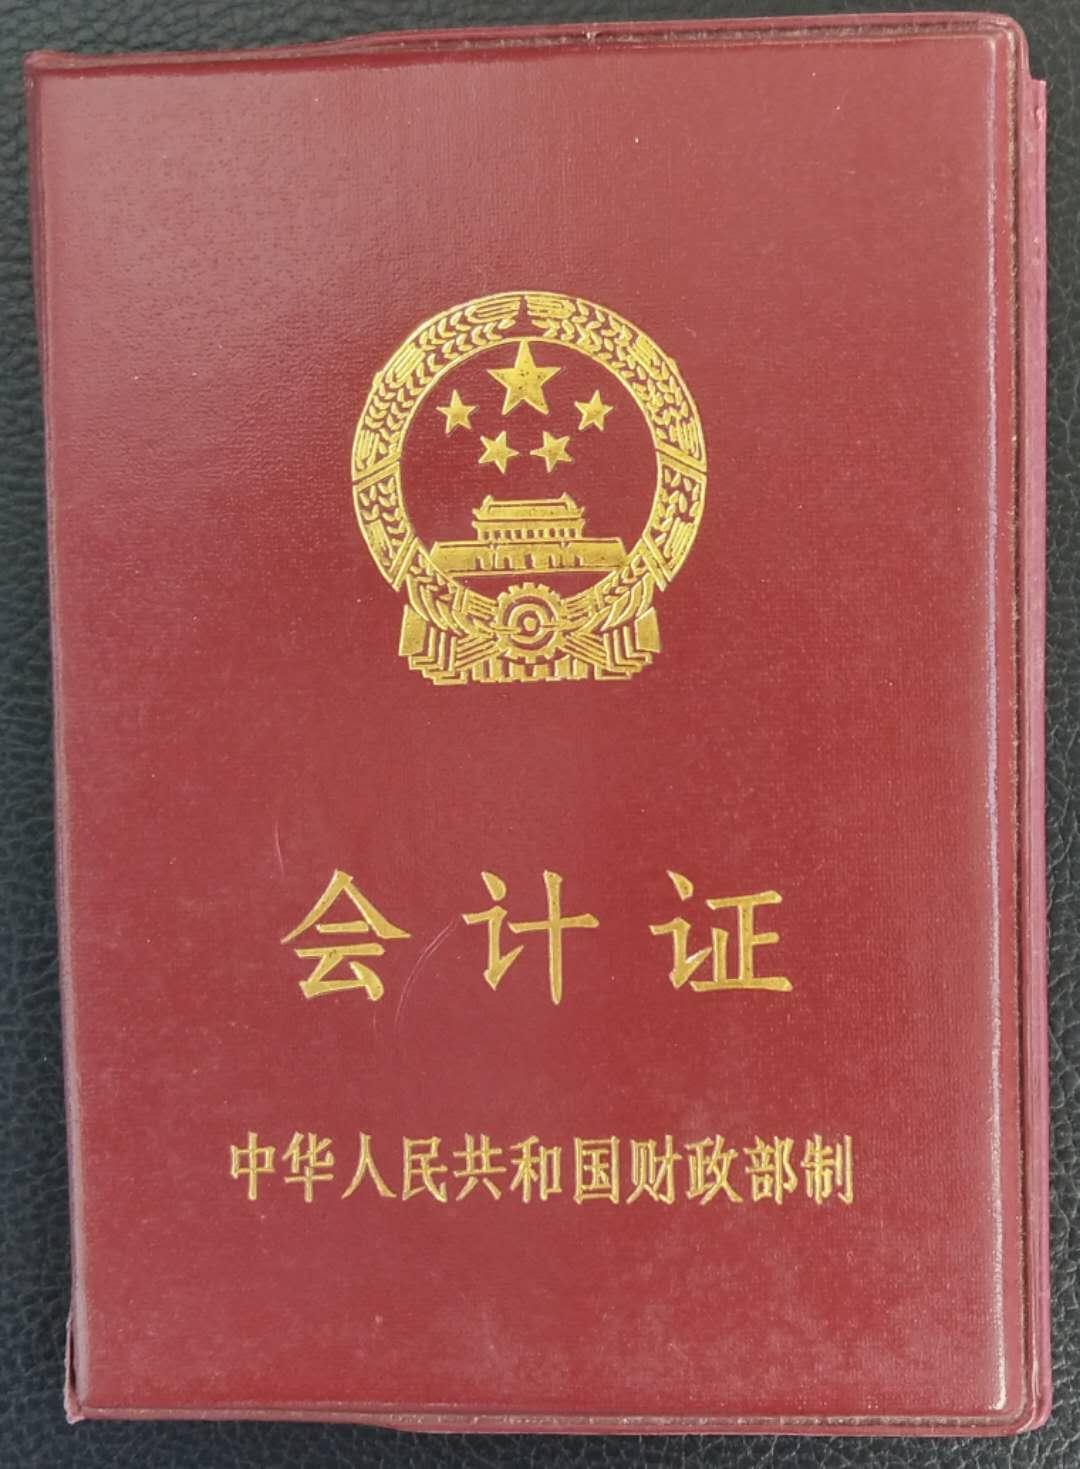 陈律师就业的第一个资格证——会计证(1997年)